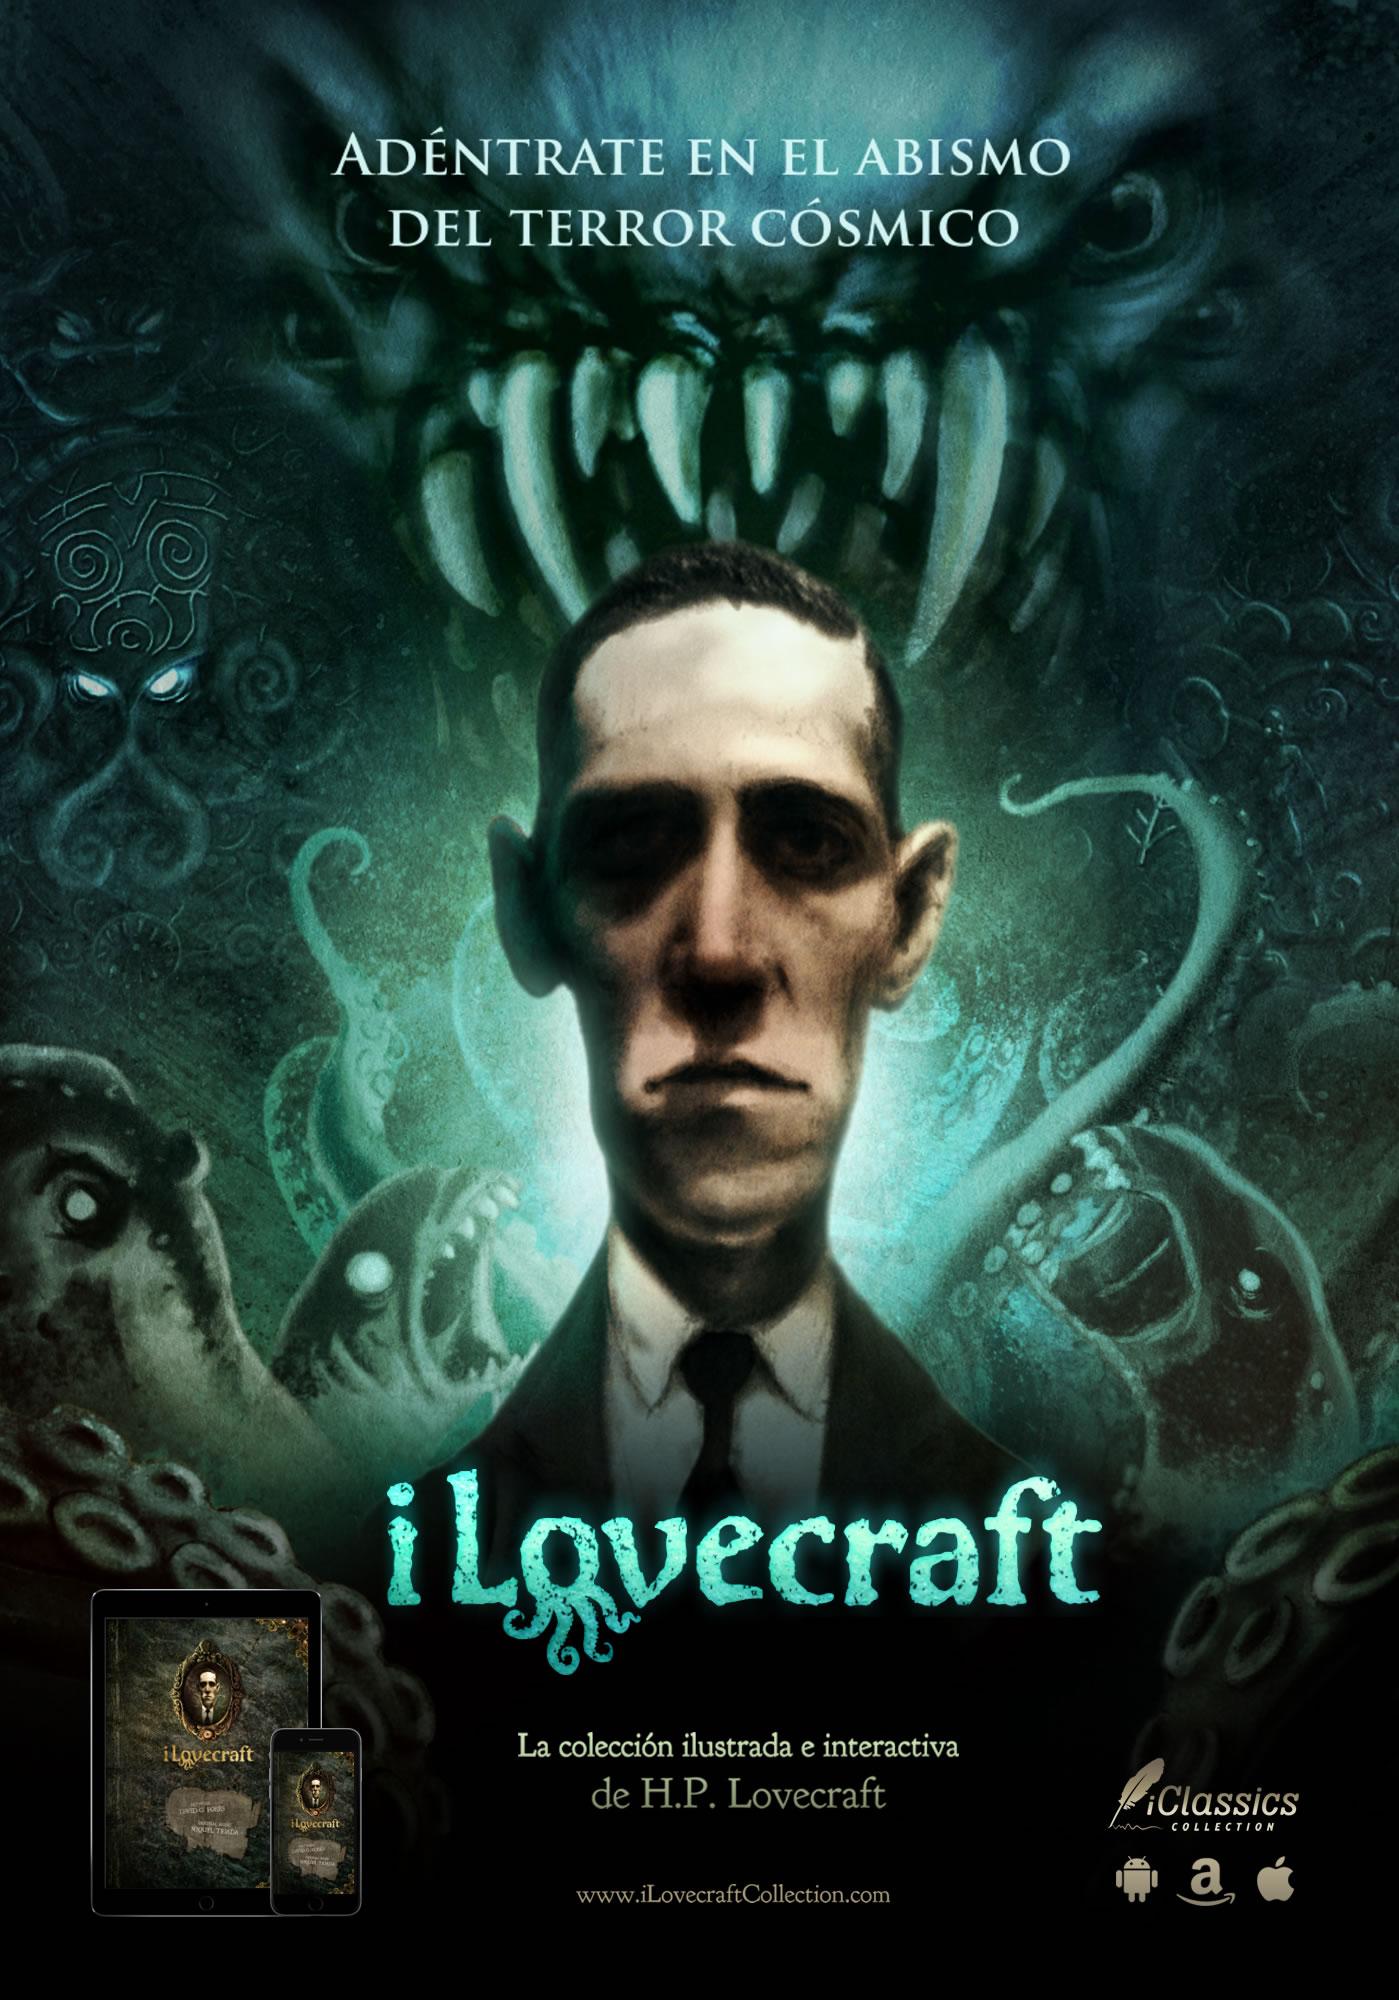 iLovecraft: la colección ilustrada e interactiva de H.P. Lovecraft